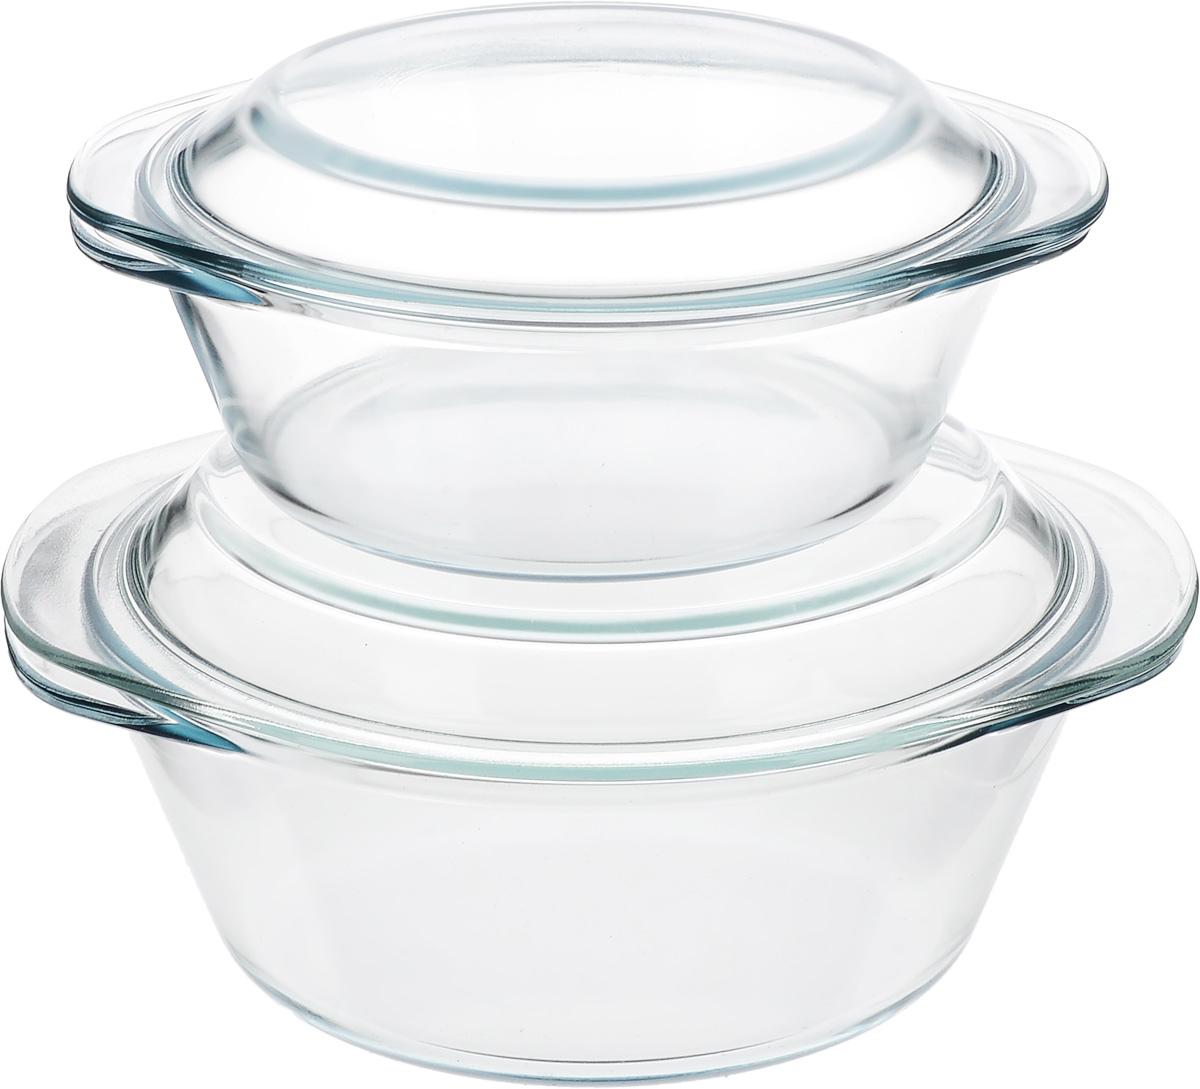 Набор кастрюль Helper Gurman, с крышками, 4 предмета4522Набор Helper Gurman состоит из двух кастрюль с крышками. Кастрюли изготовлены из жаропрочного стекла. Стеклянная огнеупорная посуда идеальна для приготовления блюд в духовке, микроволновой печи, а также для хранения продуктов в холодильнике и морозильной камере. Безопасна с точки зрения экологии. Не вступает в реакции с готовящейся пищей, не боится кислот и солей. Не ржавеет, в ней не появляется накипь. Не впитывает запахи и жир. Благодаря прозрачности стекла, за едой можно наблюдать при ее готовке. Изделия оснащены небольшими ручками. Можно мыть в посудомоечной машине. Объем кастрюль: 1,2 л, 2,3 л. Диаметр кастрюль: 18,5 см, 22 см. Высота стенки кастрюль: 6,5 см, 8,5 см.